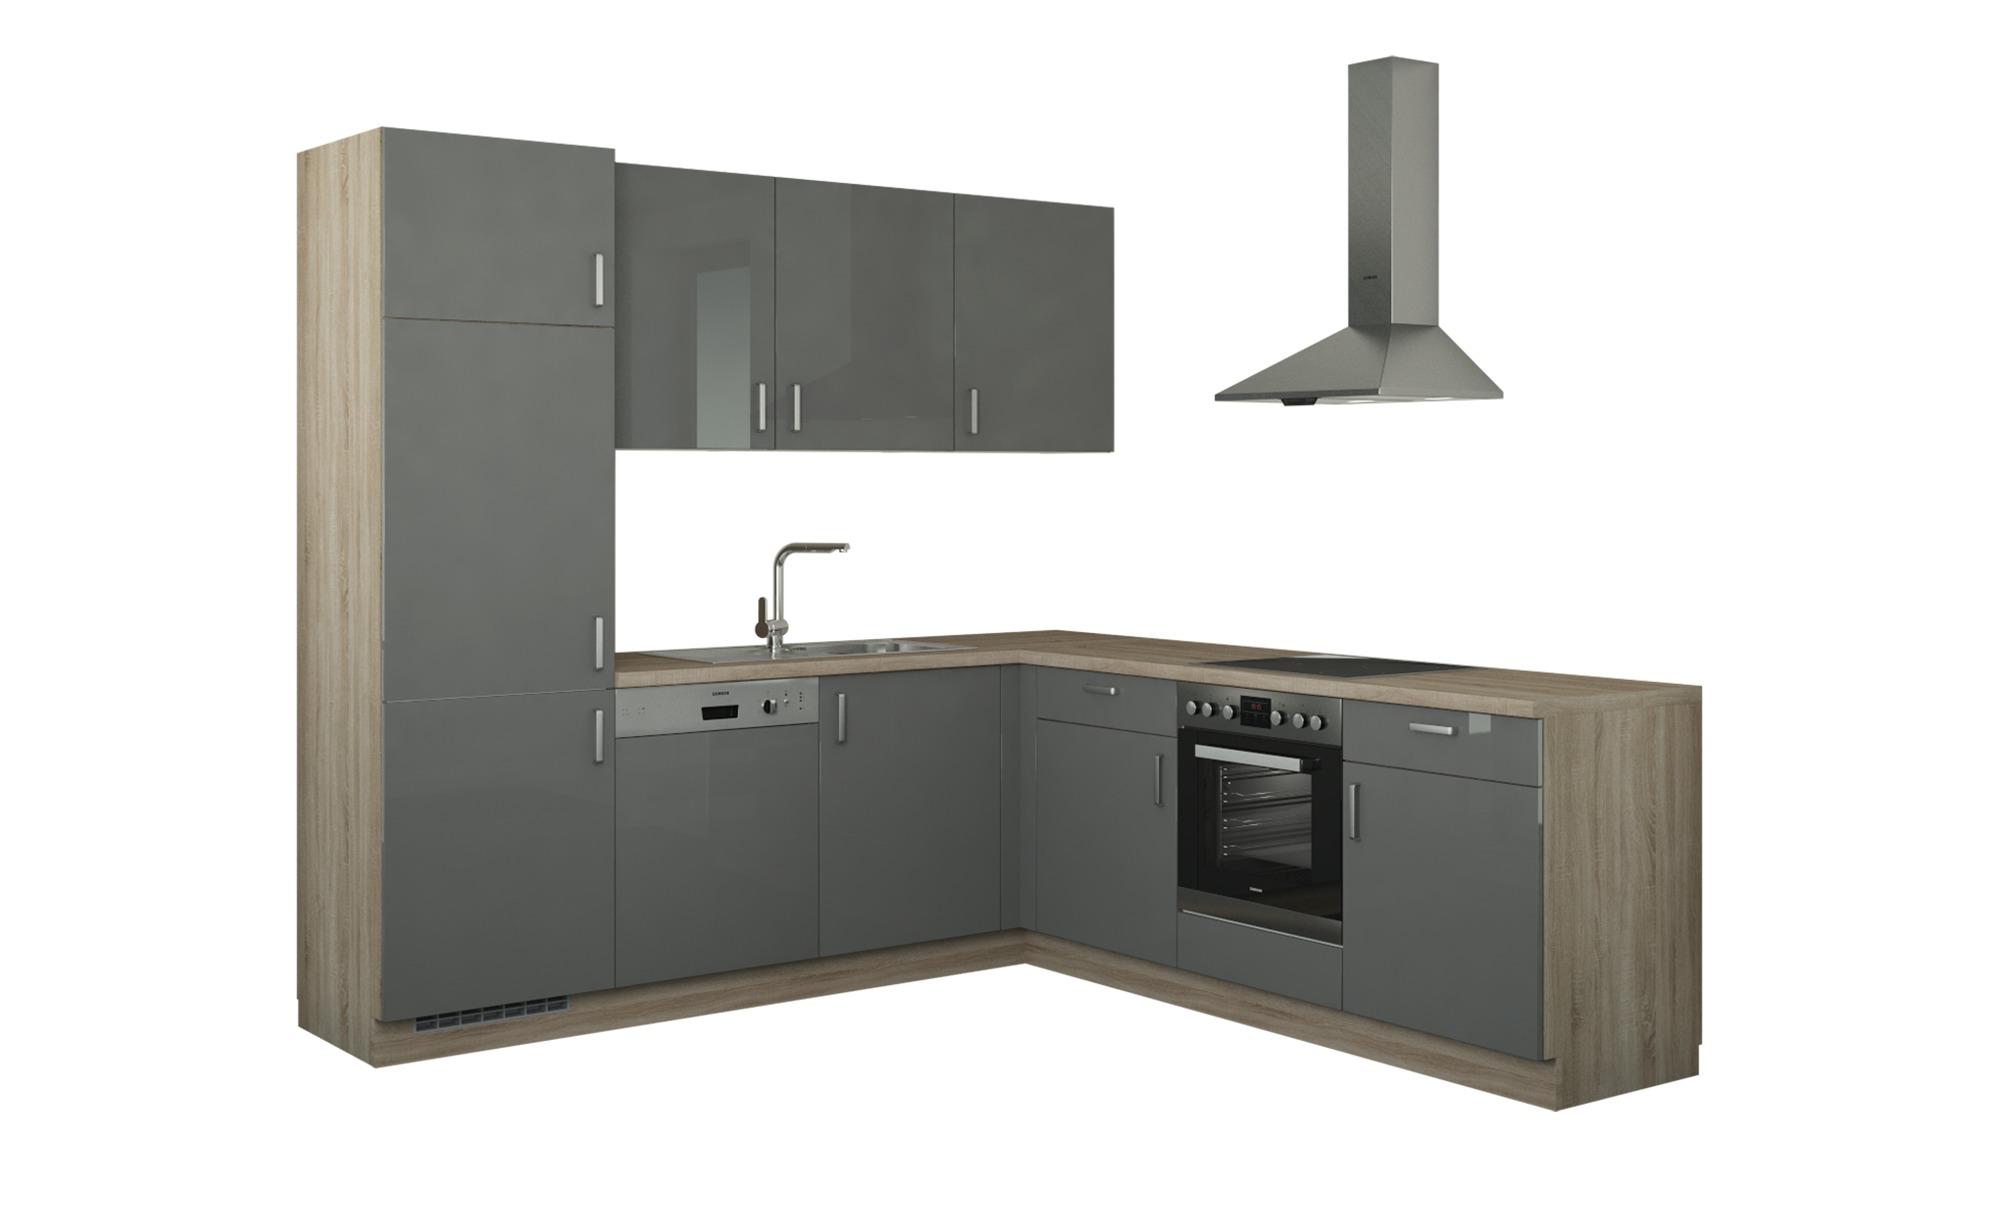 Winkelküche ohne Elektrogeräte  Stuttgart Küchen > Küchenblöcke - Höffner | Küche und Esszimmer > Küchen > Winkelküchen | Holzwerkstoff | Möbel Höffner DE